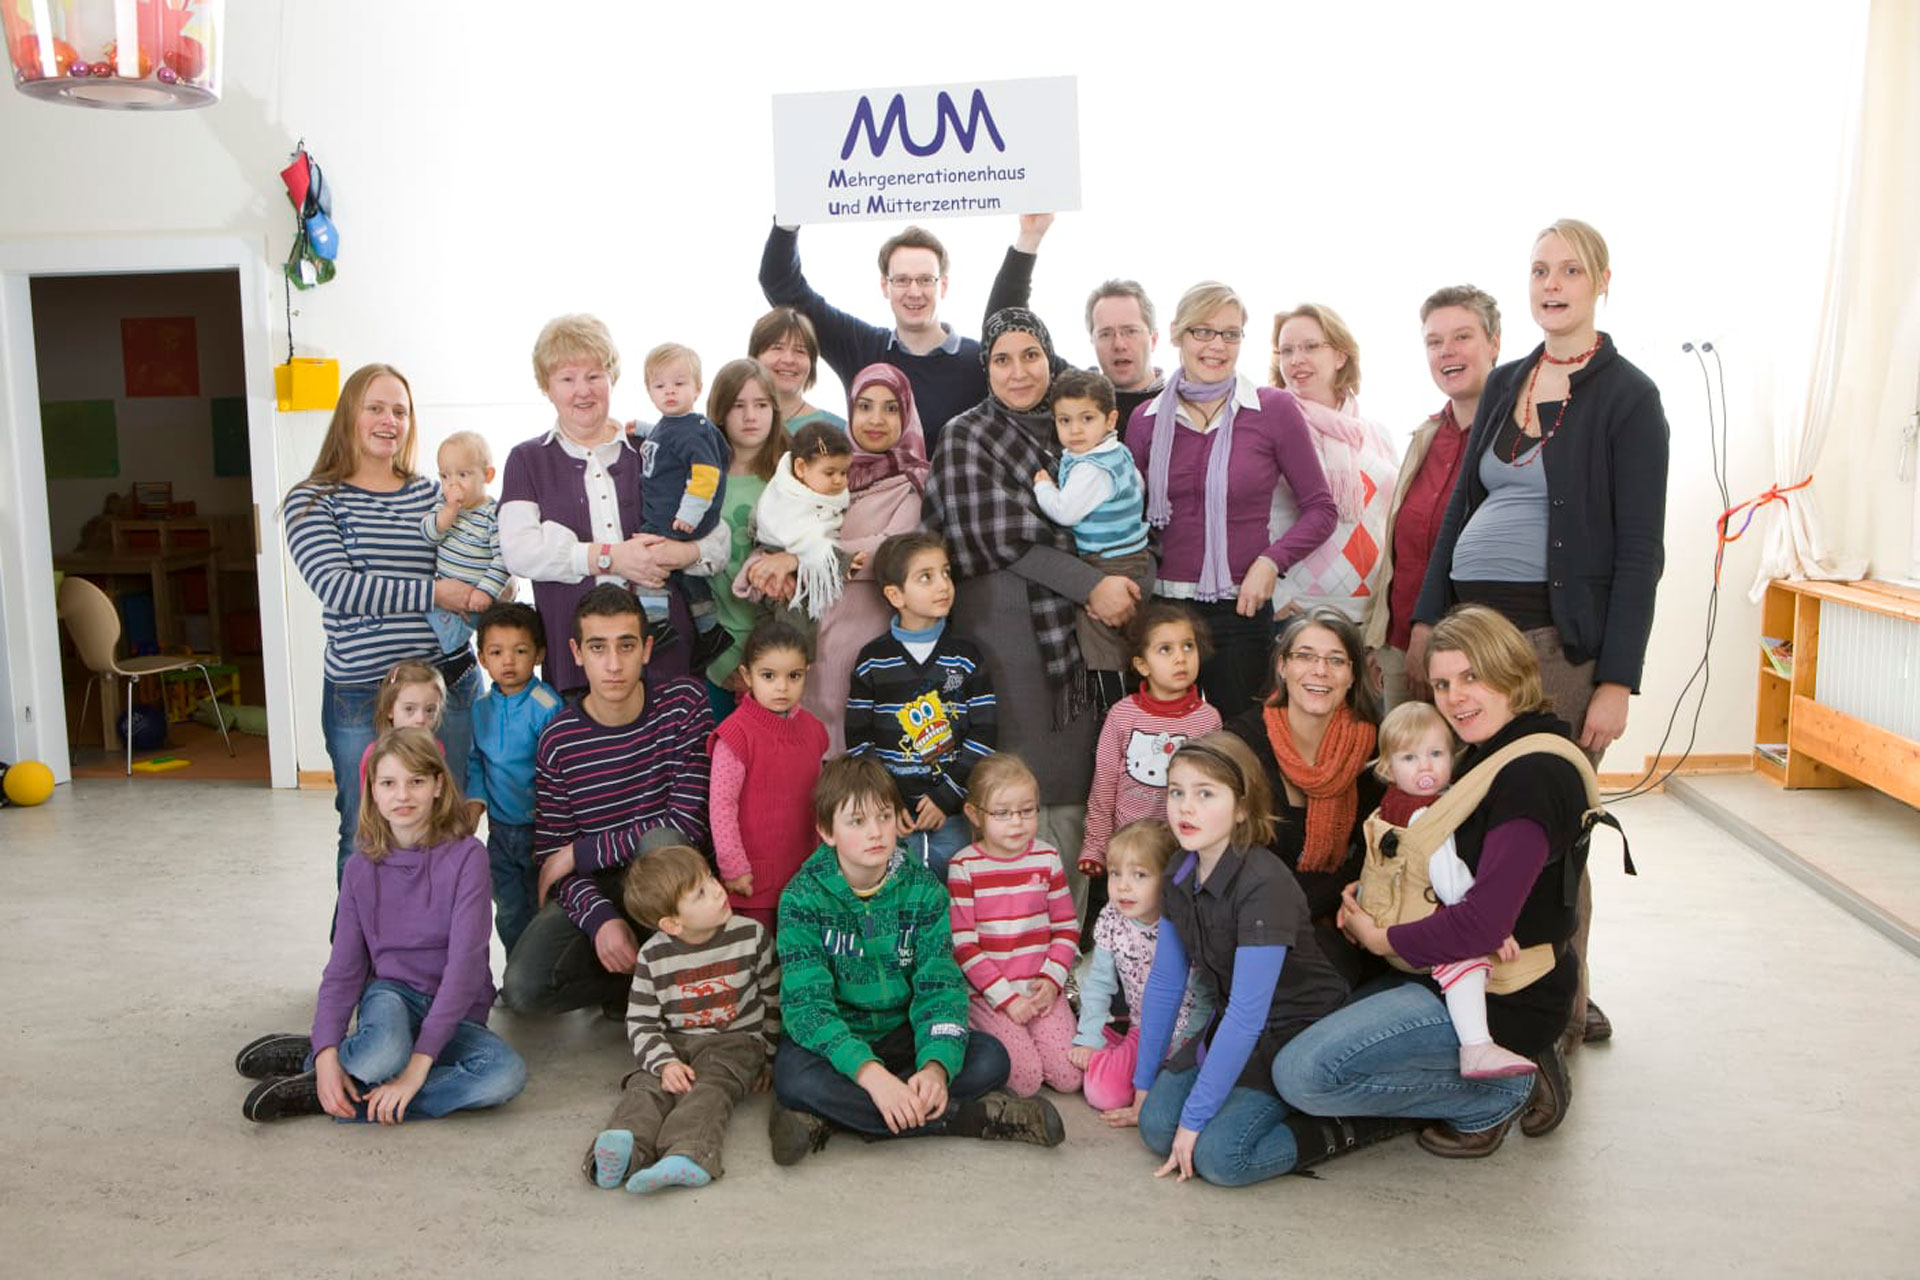 Archiv Gruppenfoto aus Yvonnes Anfängen beim MuM in Münster. Inzwischen ist sie seit 10 Jahren Teil der Gemeinschaft.